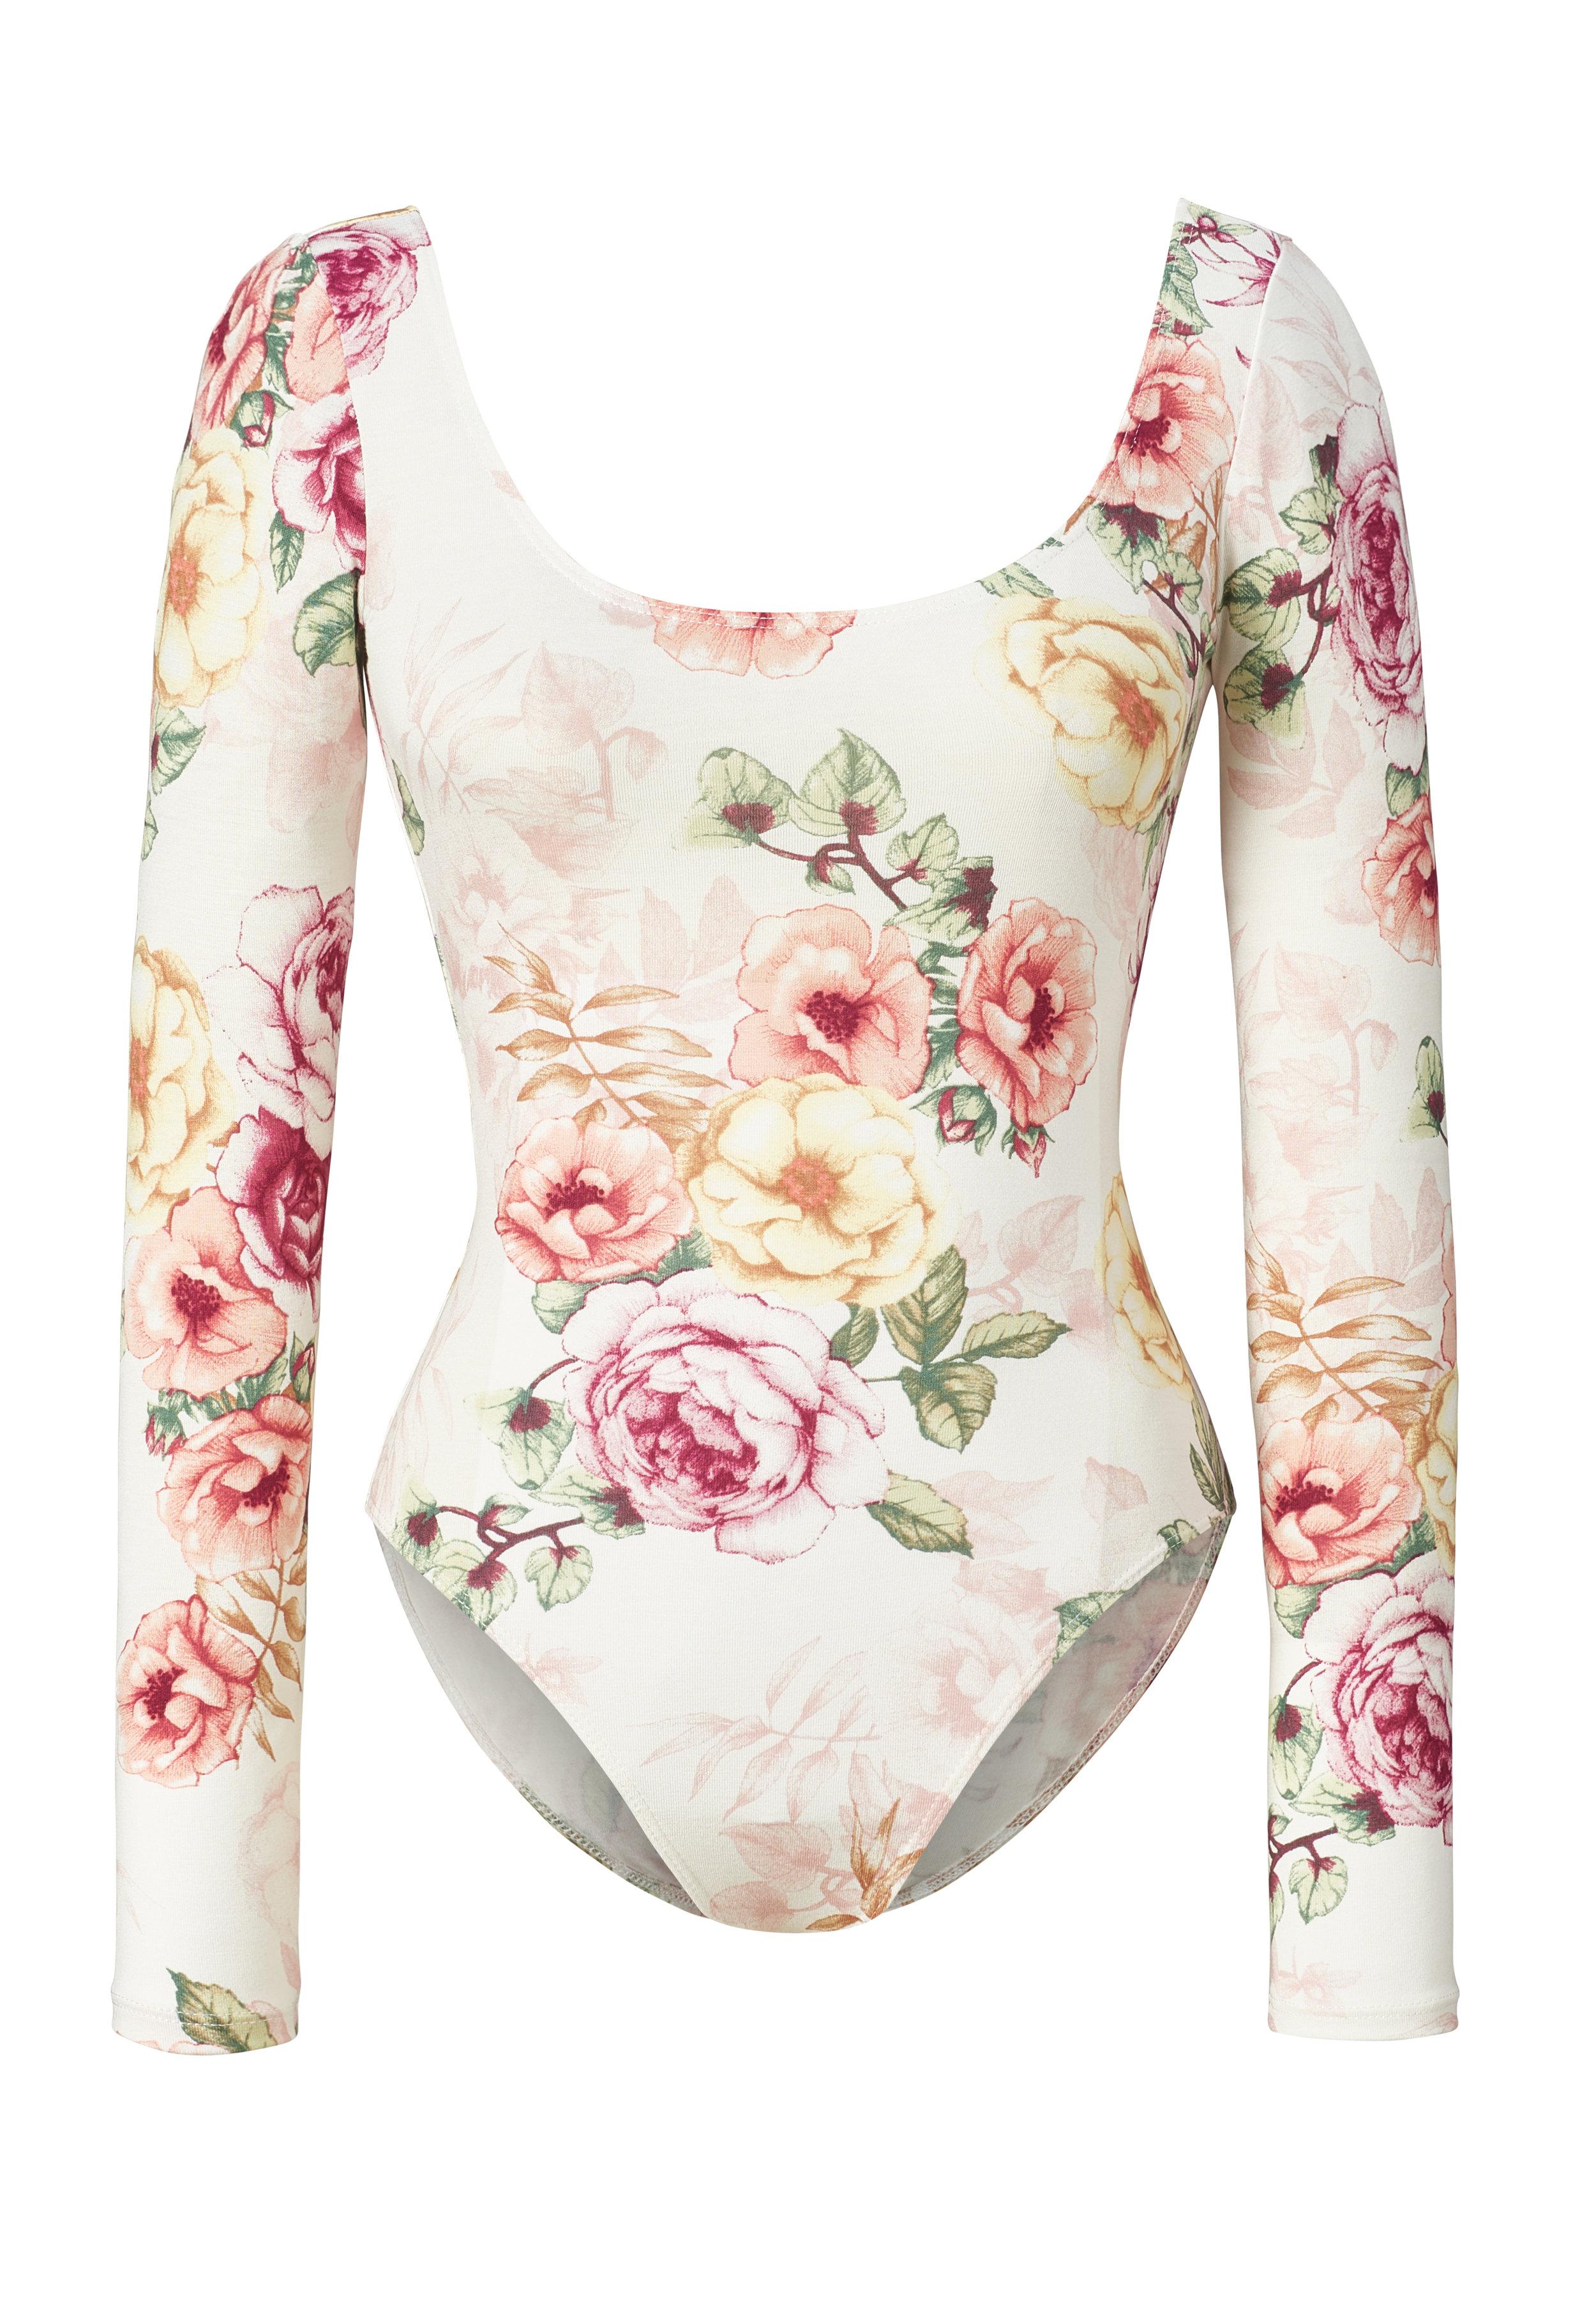 A Rhapsody of Love Bodysuit $170